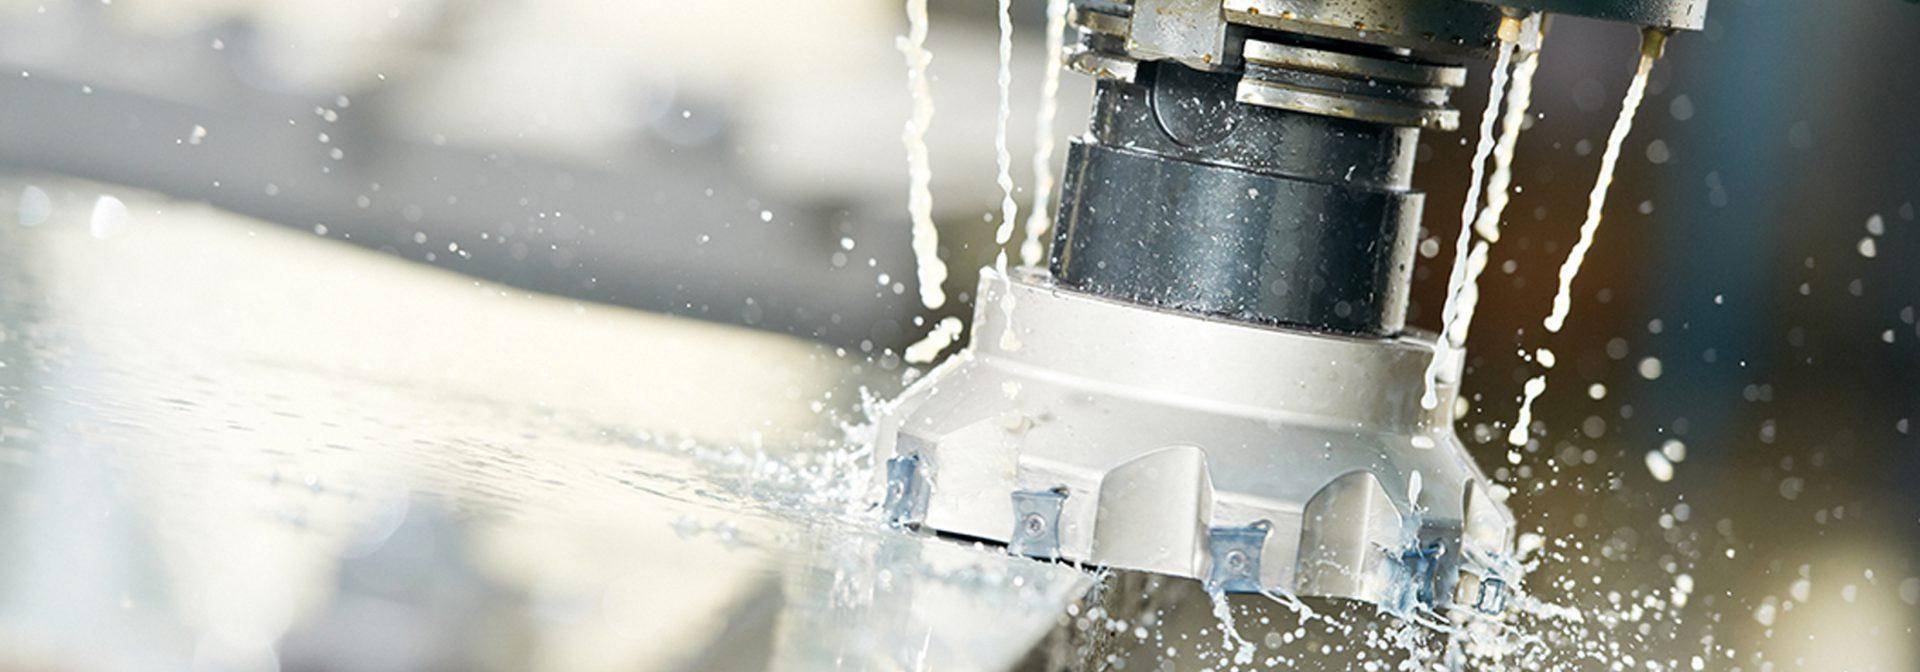 In onze eigen werkplaats bewerken wij gietstukken die klaar zijn voor montage, middels CNC-bewerking door ELCEE